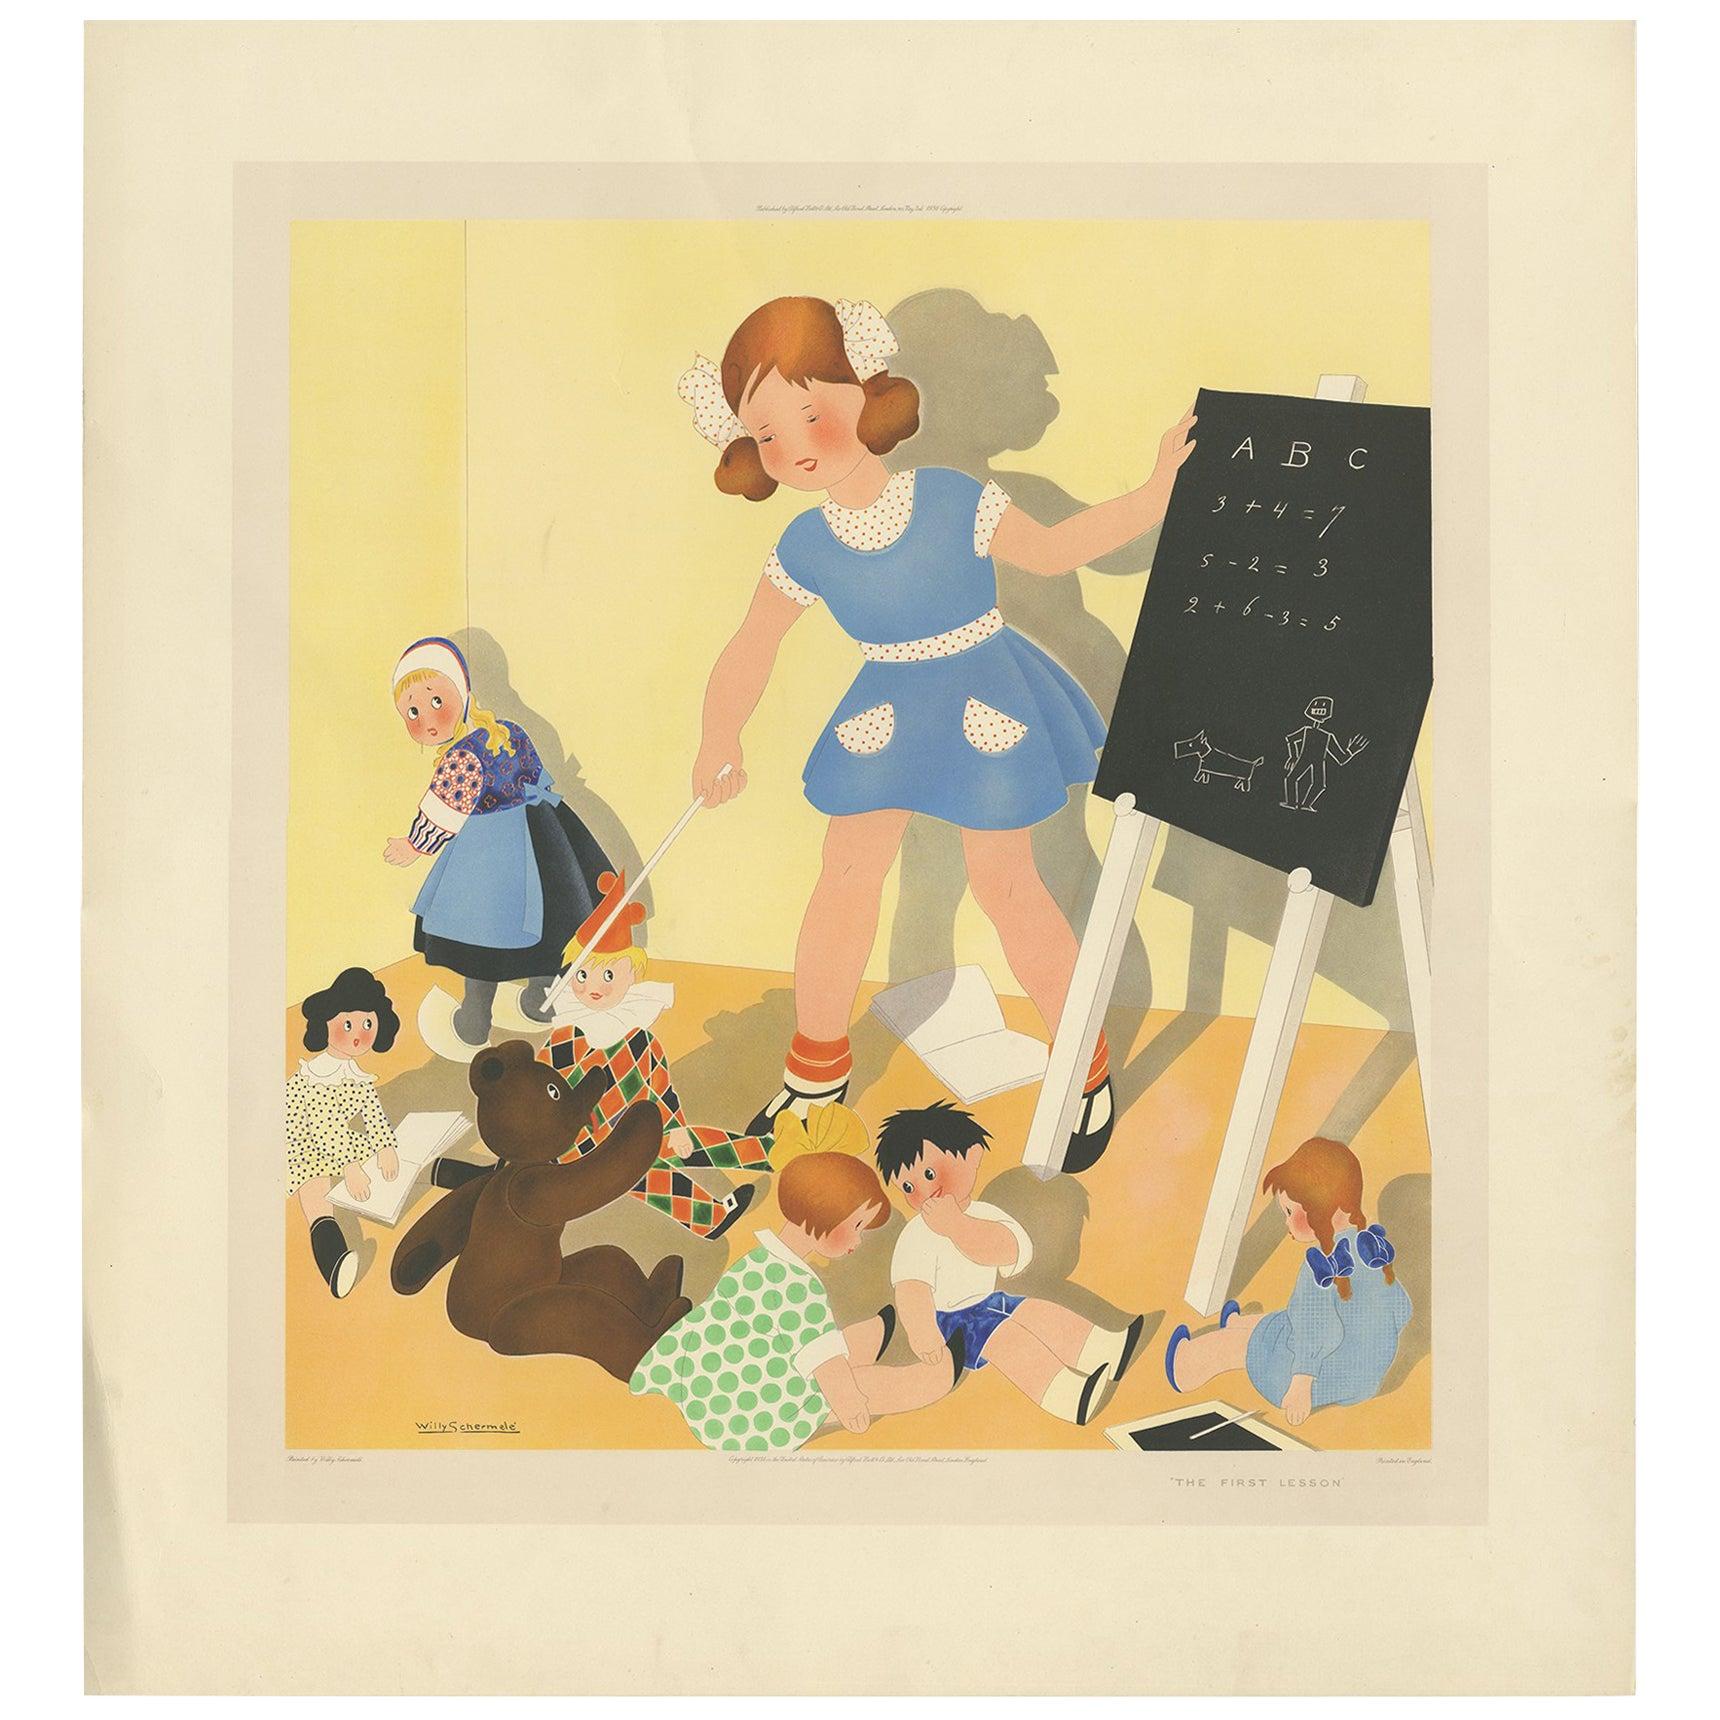 Antique Print 'The first Lesson' by W. Schermelé '1937'